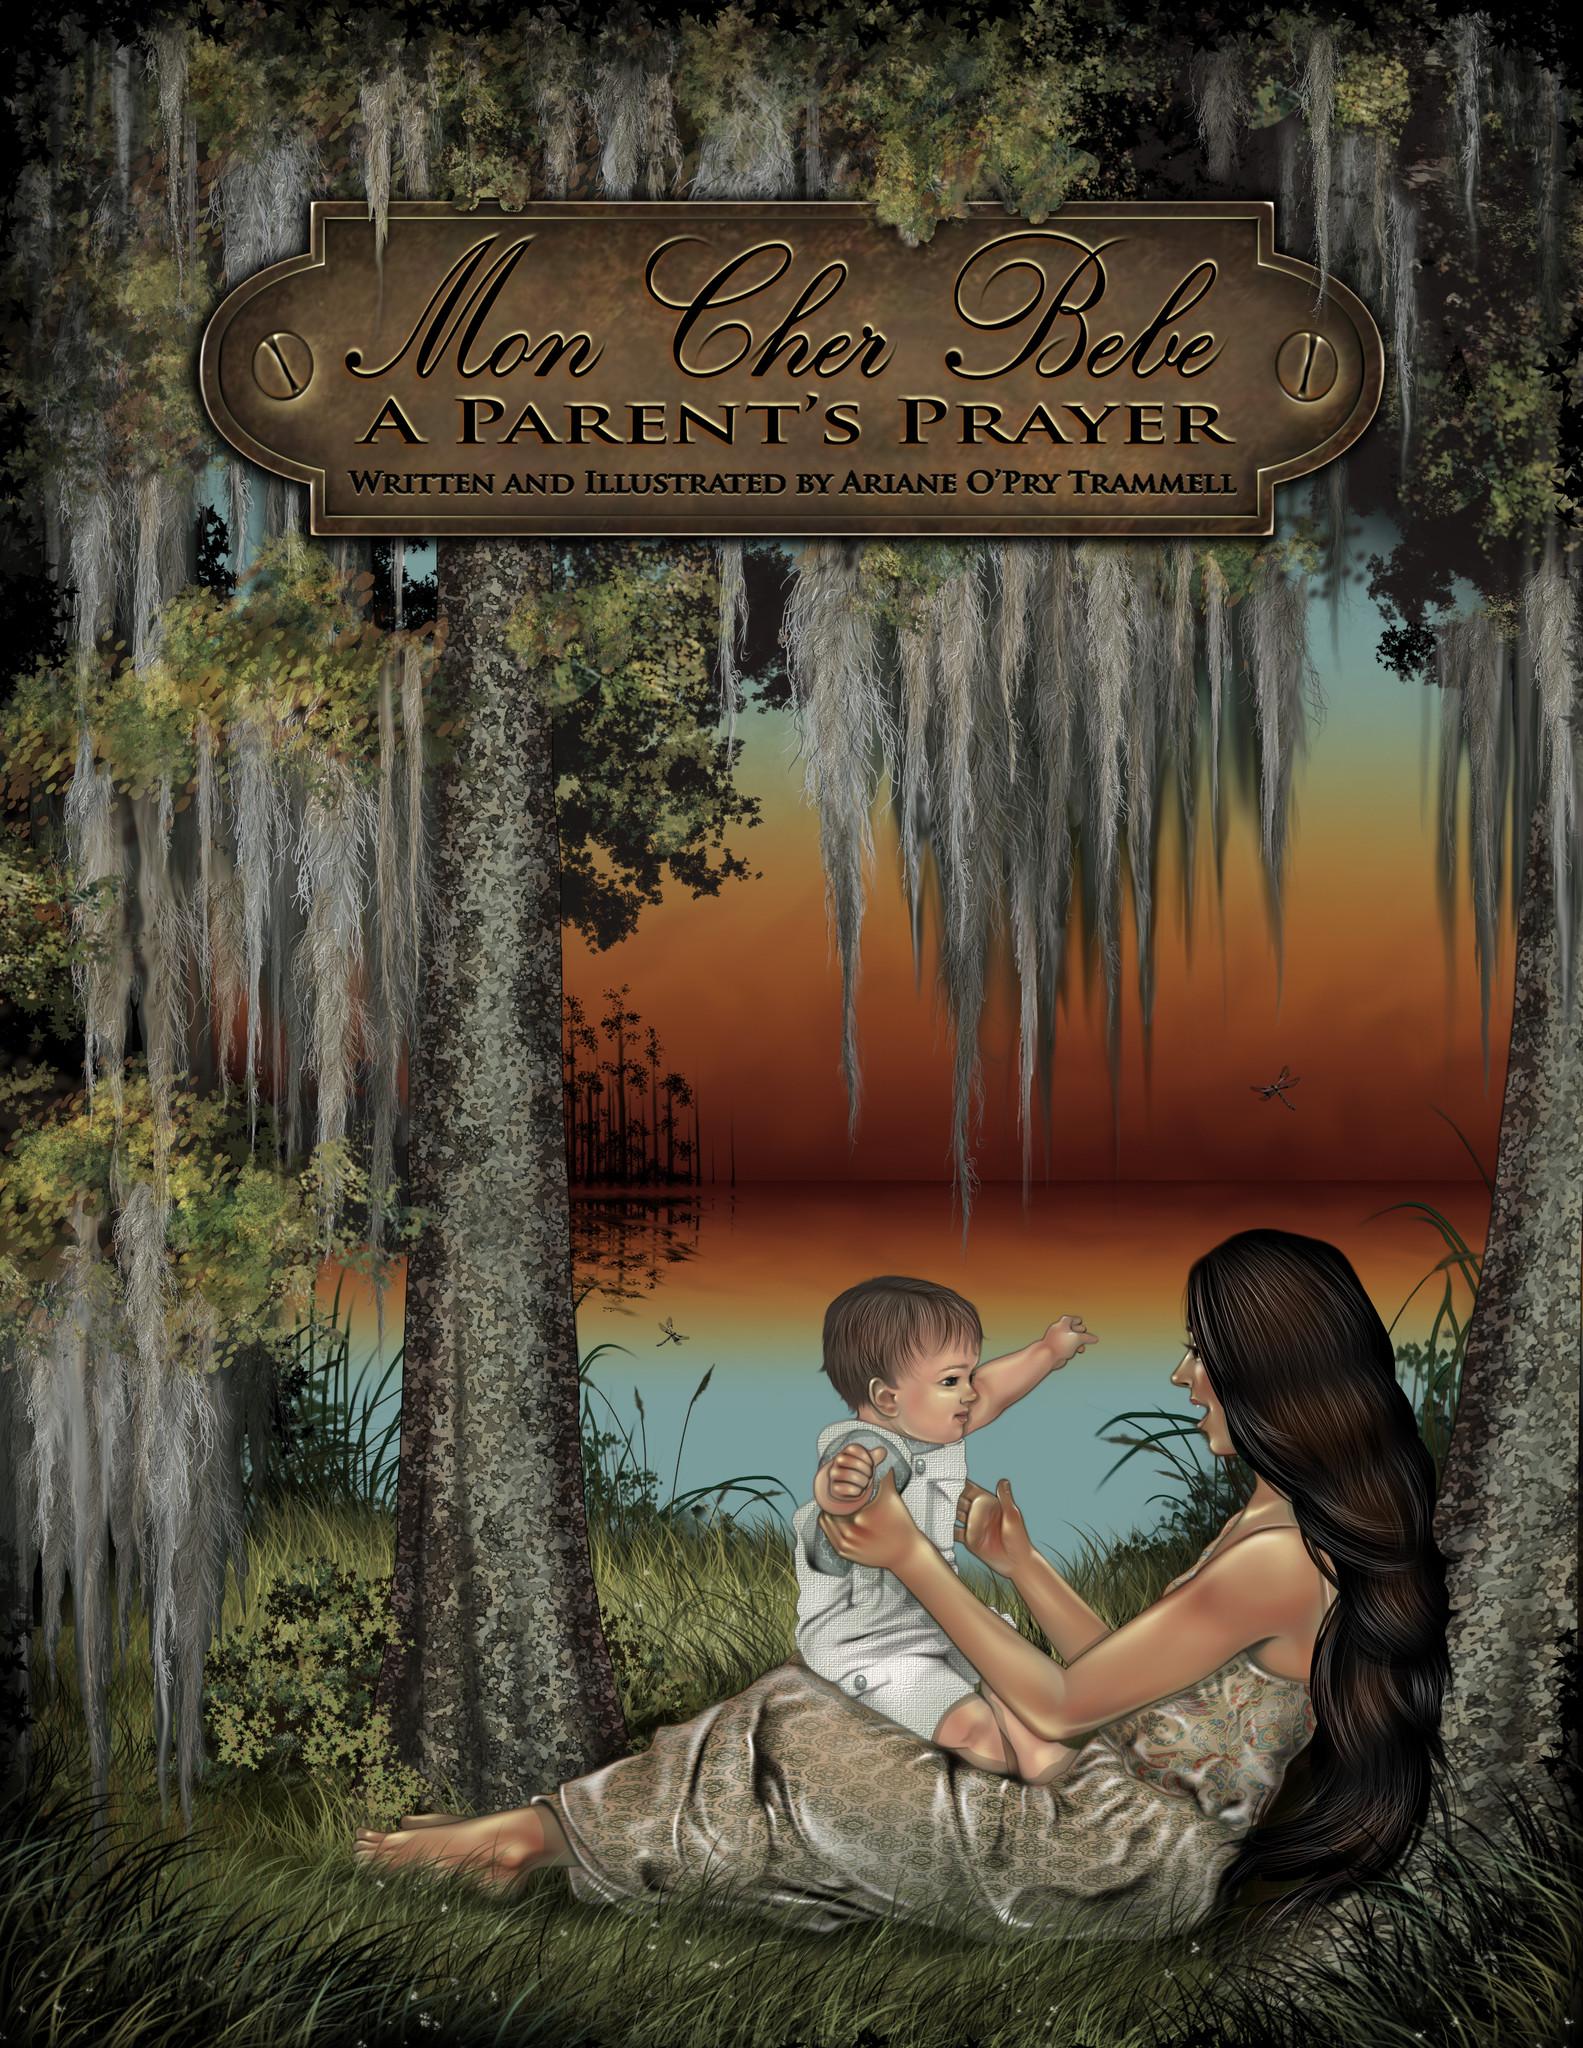 Books Mon Cher Bebe: A Parent's Prayer (Autographed Copy)